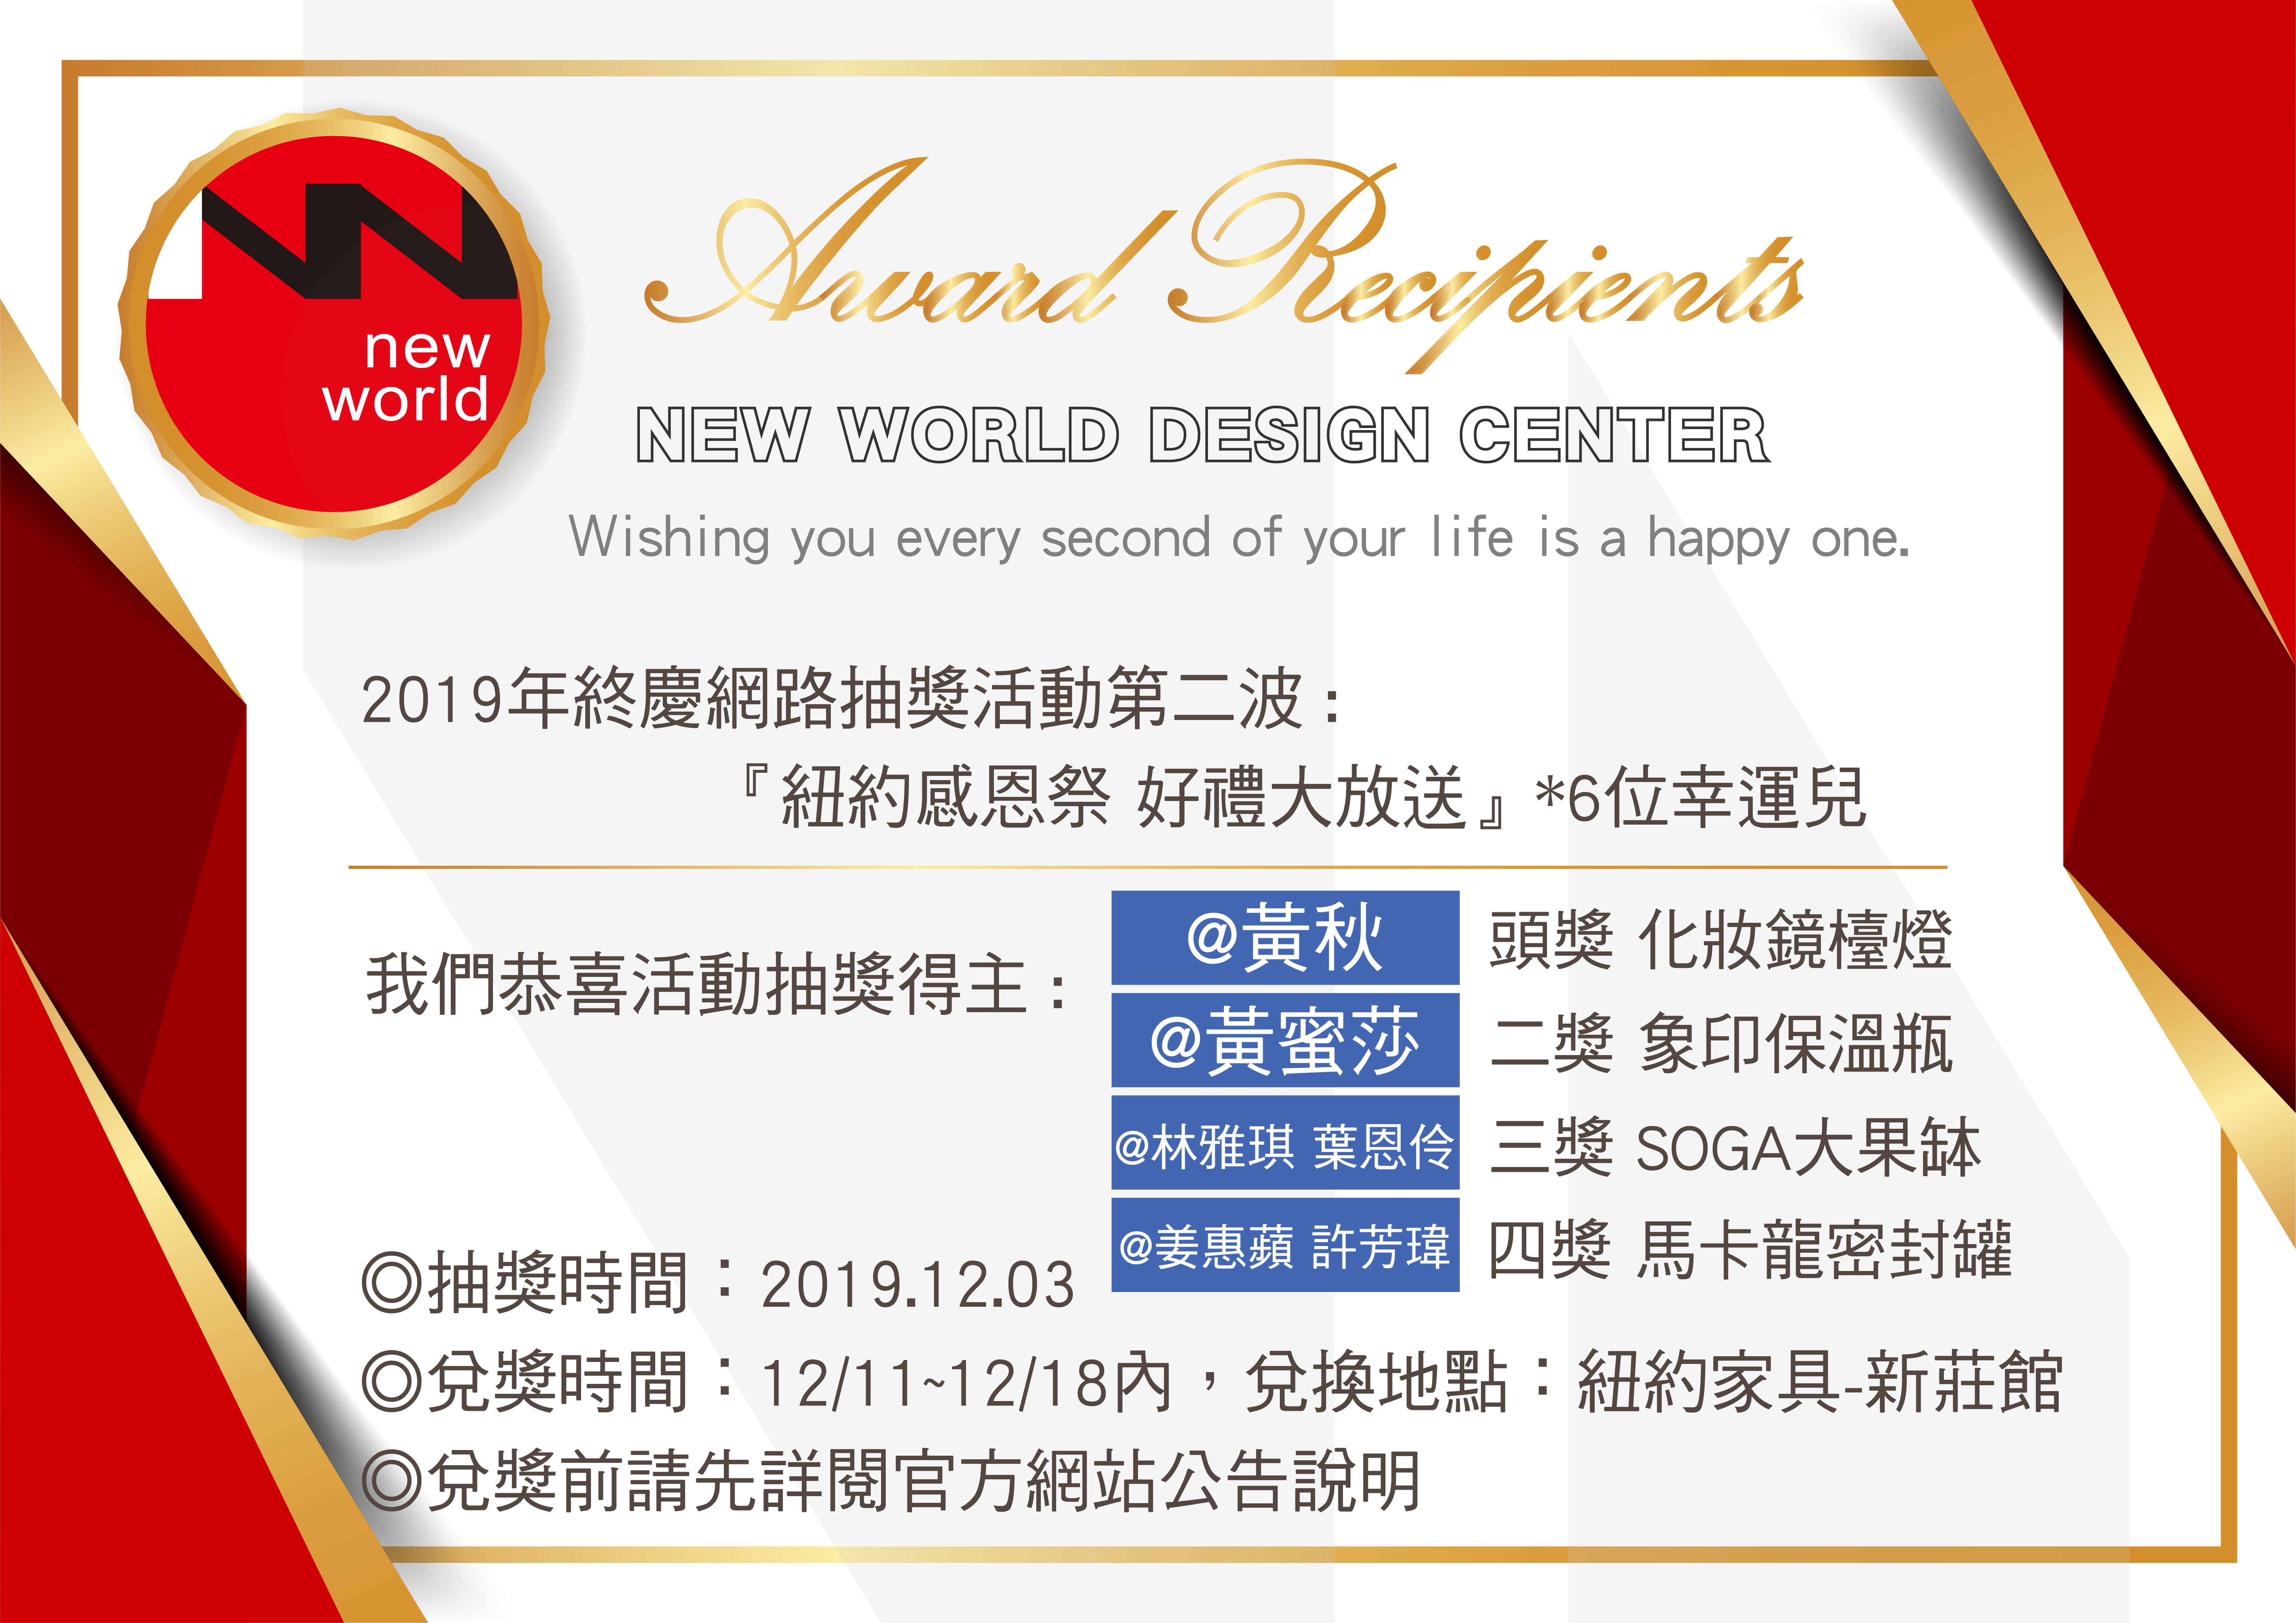 年終慶網路抽獎活動-第二波-得獎公告